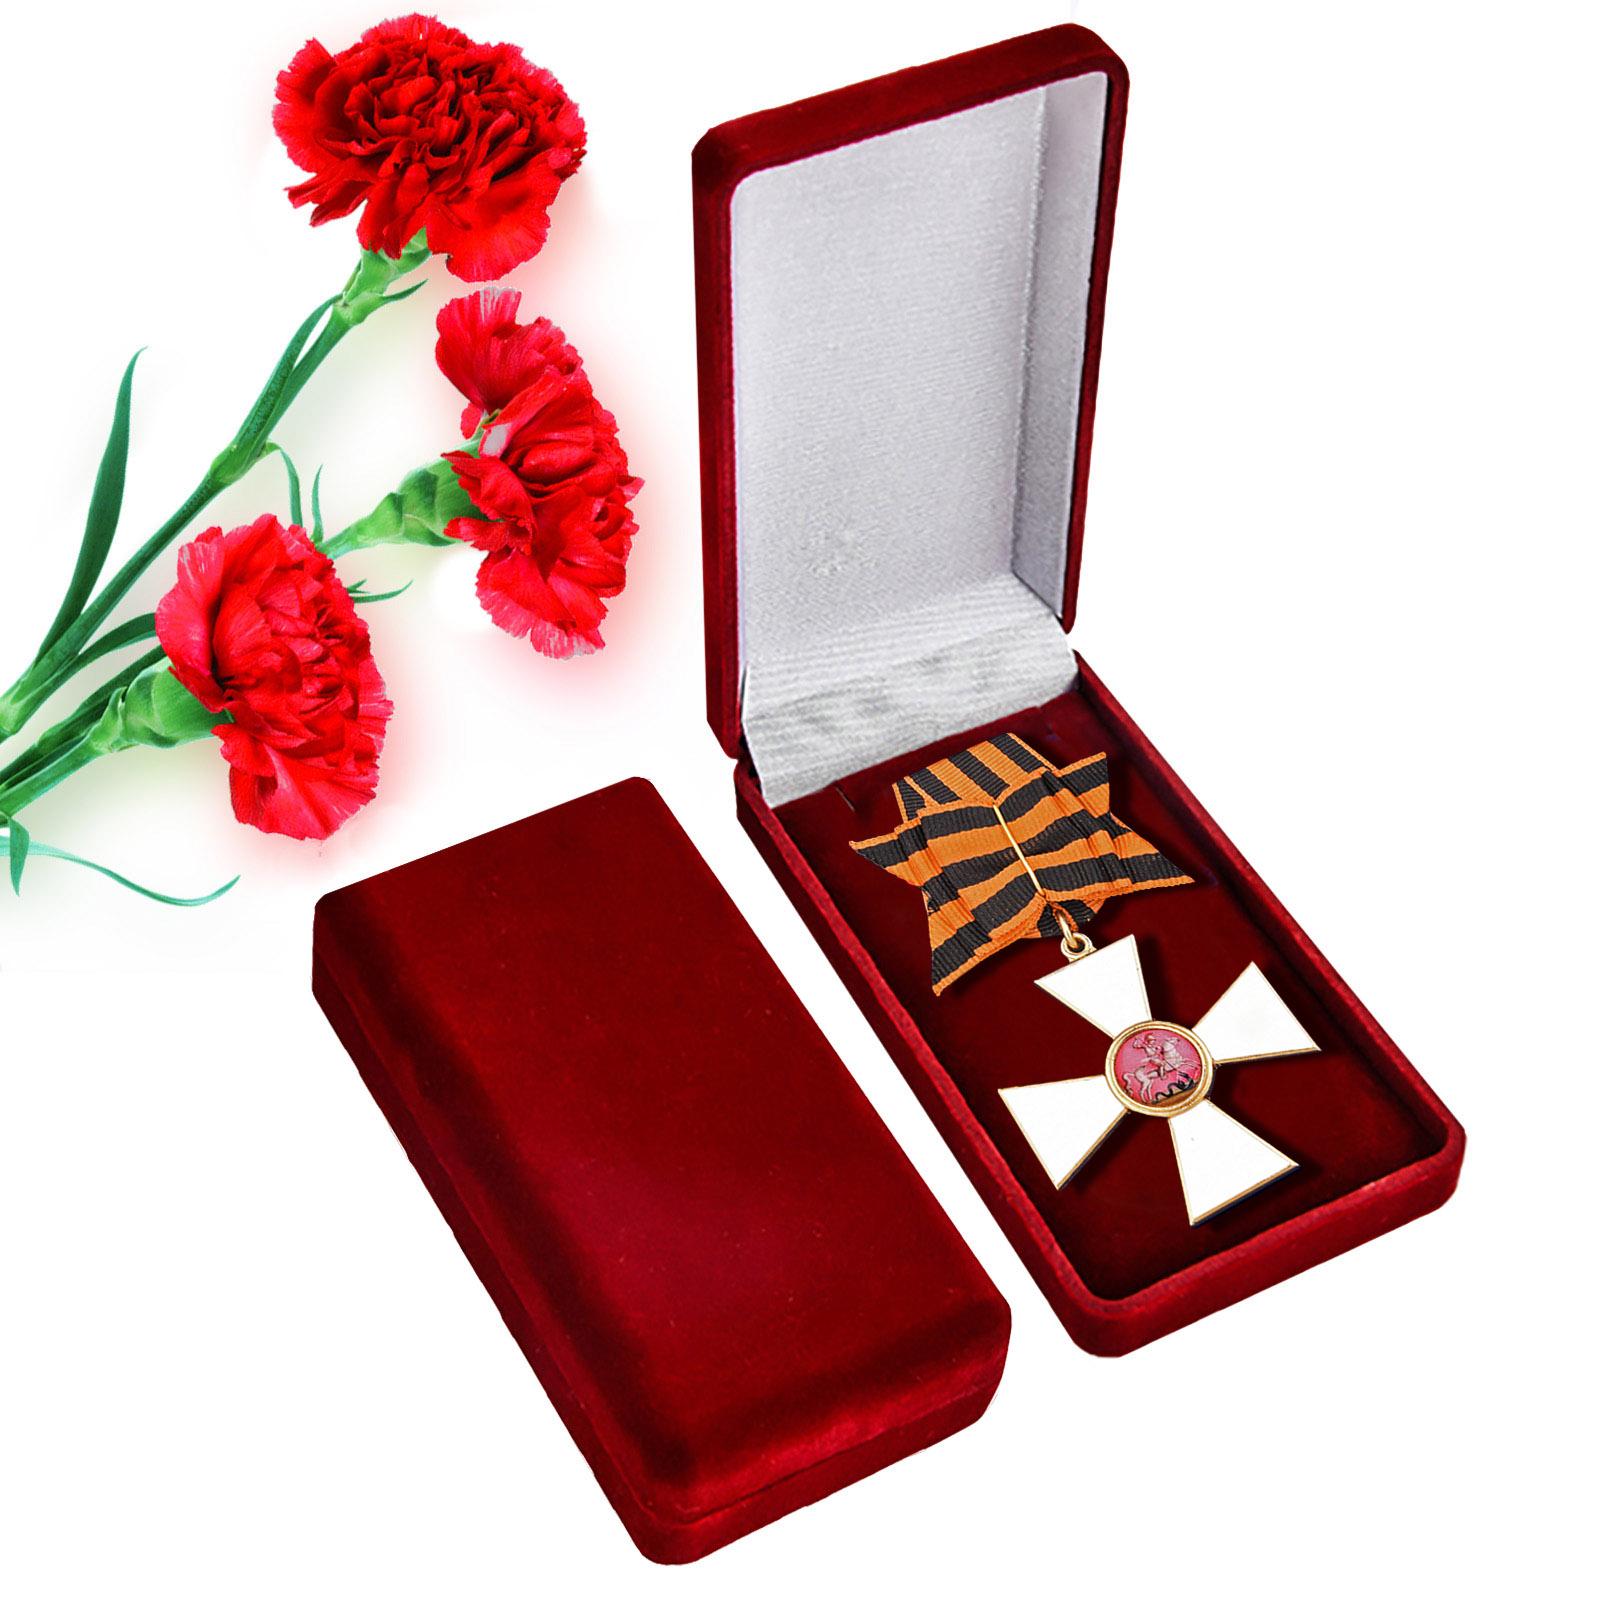 Знак ордена Св. Георгия 1-й степени